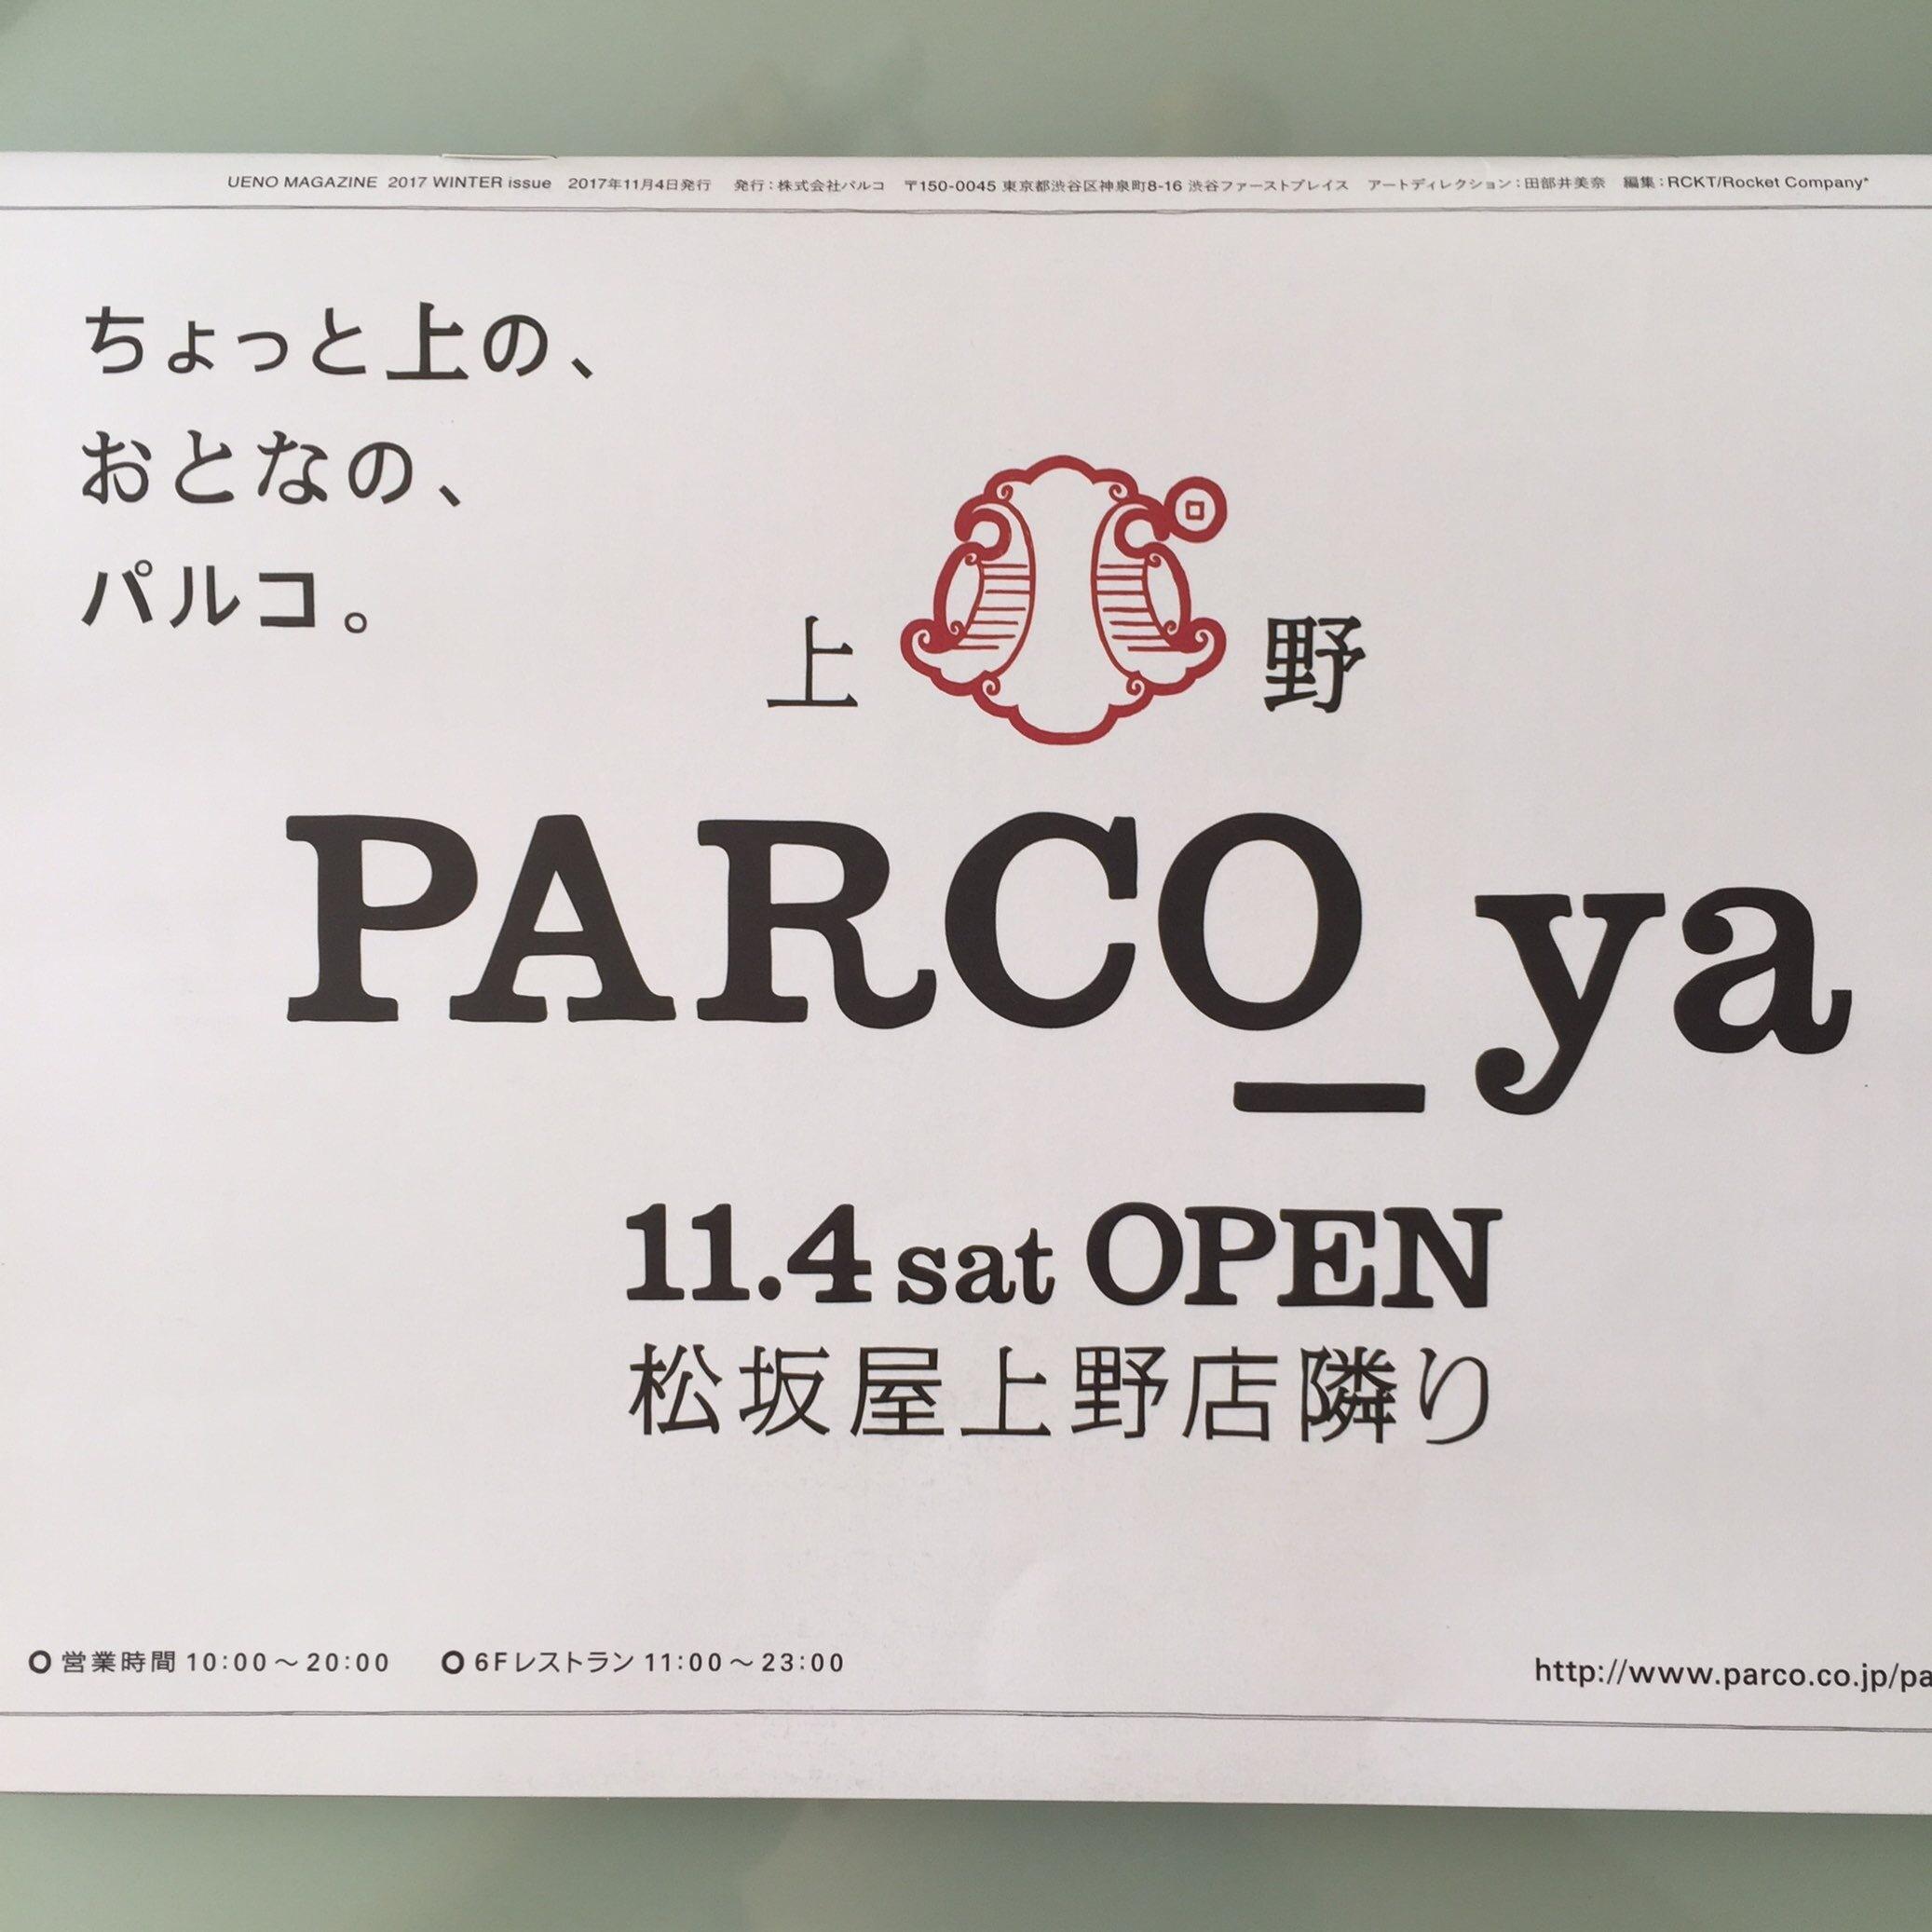 PARCO_ya ???_1_1-1